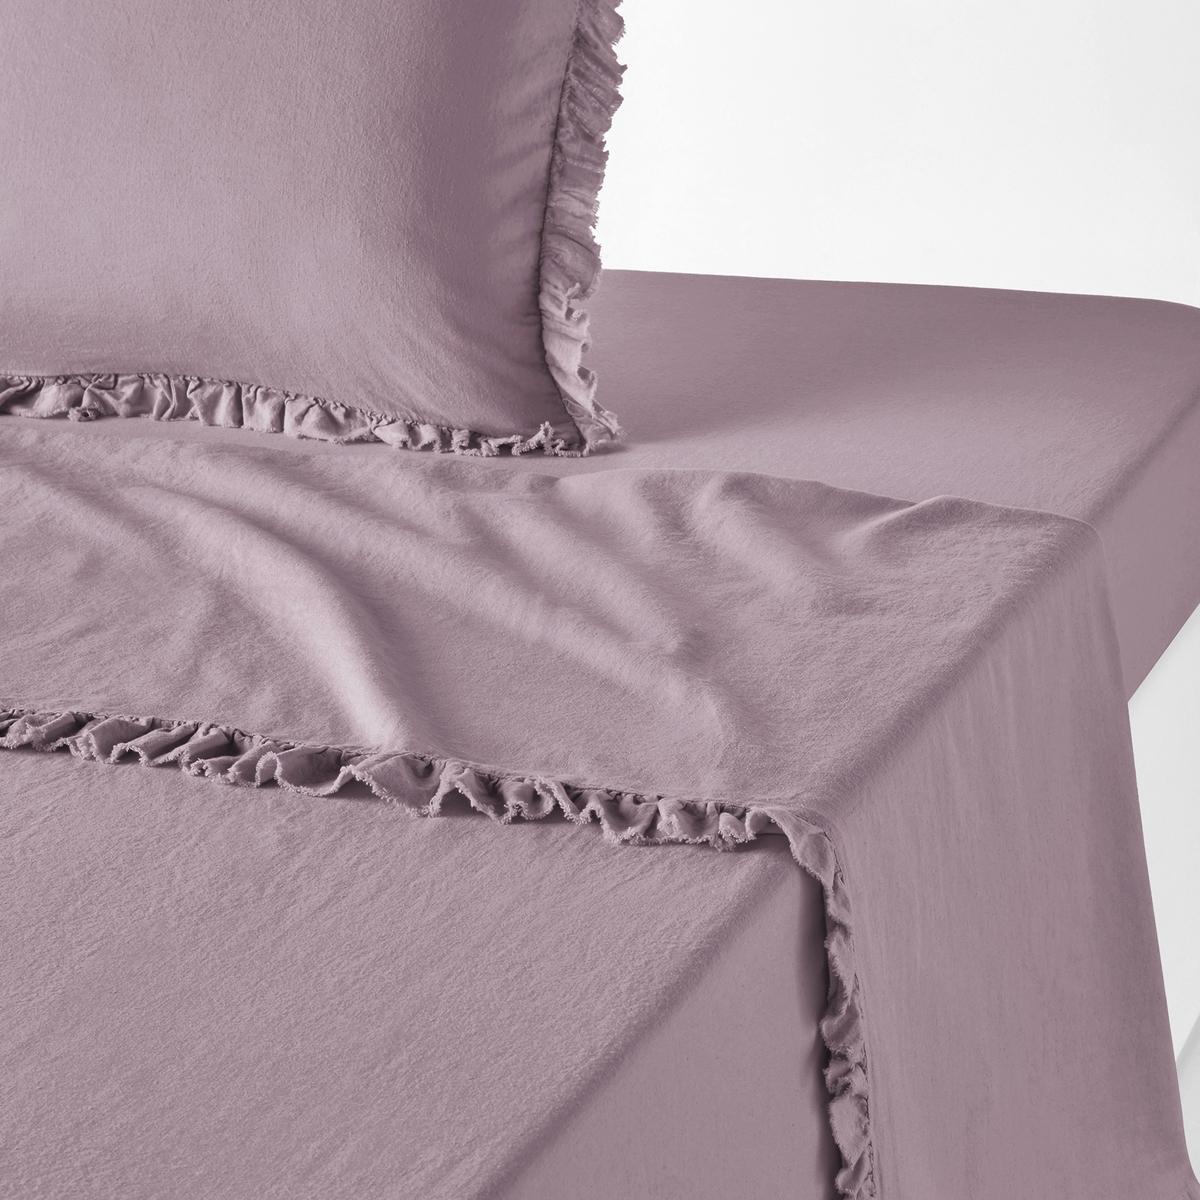 Однотонная простыня из льна и хлопка, NILLOWОднотонная простыня из льна и хлопка Nillow качество Qualit? Best. Благородный и элегантный материал из льна и хлопка в нежных и теплых тонах. Очарование и сияющая красота постельного белья Nillow.Характеристики простыни Nillow : Смесовый материал: 60% льна, 40% хлопка : мягкая и элегантная ткань из льна и хлопка с легким жатым эффектом проста в уходе. Отделка по краям бахромойСтирать при 40°, можно не гладить. ХарактеристикиВесь комплект постельного белья Nillow Вы найдете на laredoute.ruЗнак Oeko-Tex® гарантирует, что товары прошли проверку и были изготовлены без применения вредных для здоровья человека веществ. Размеры : 180 x 290 см : 1-сп. 240 х 290 см : 2-сп. 270 x 290 см : 2-сп.<br><br>Цвет: серо-голубой,серо-фиолетовый<br>Размер: 240 x 290  см.240 x 290  см